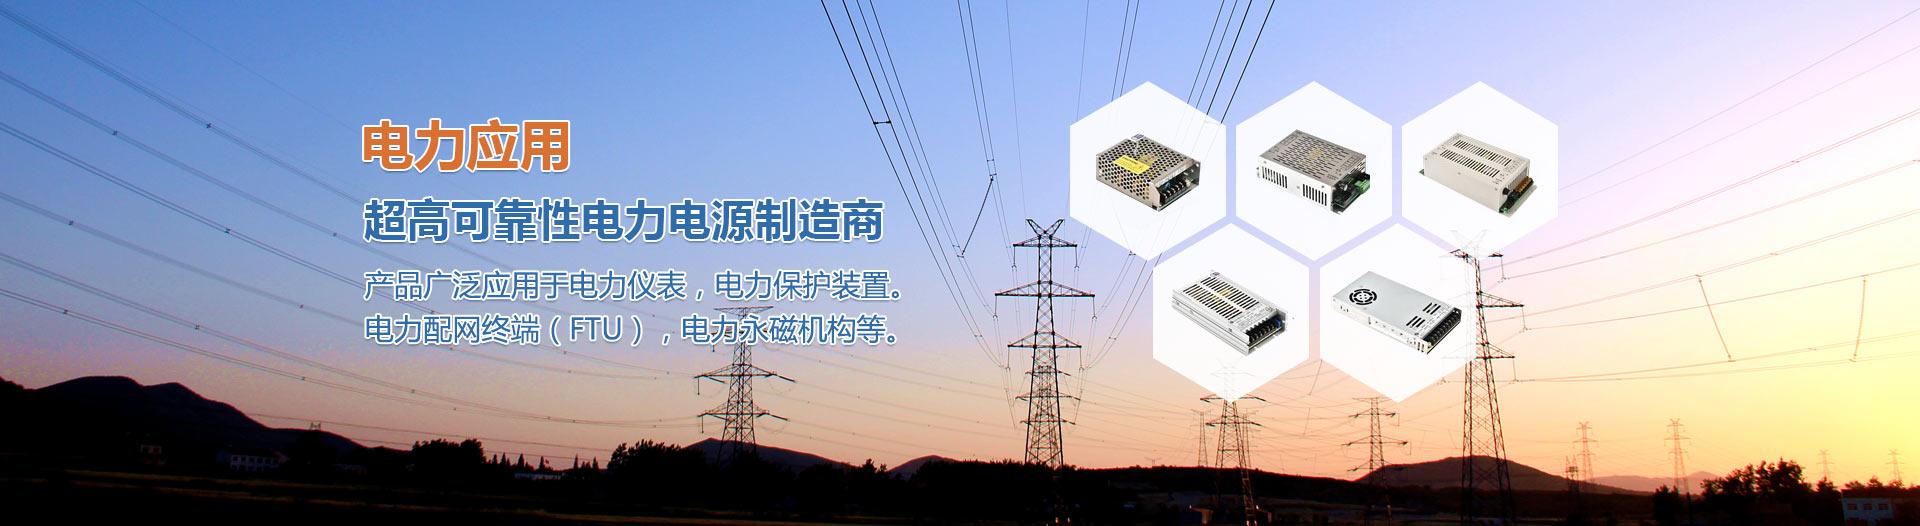 士兰达(北京)电子科技有限公司